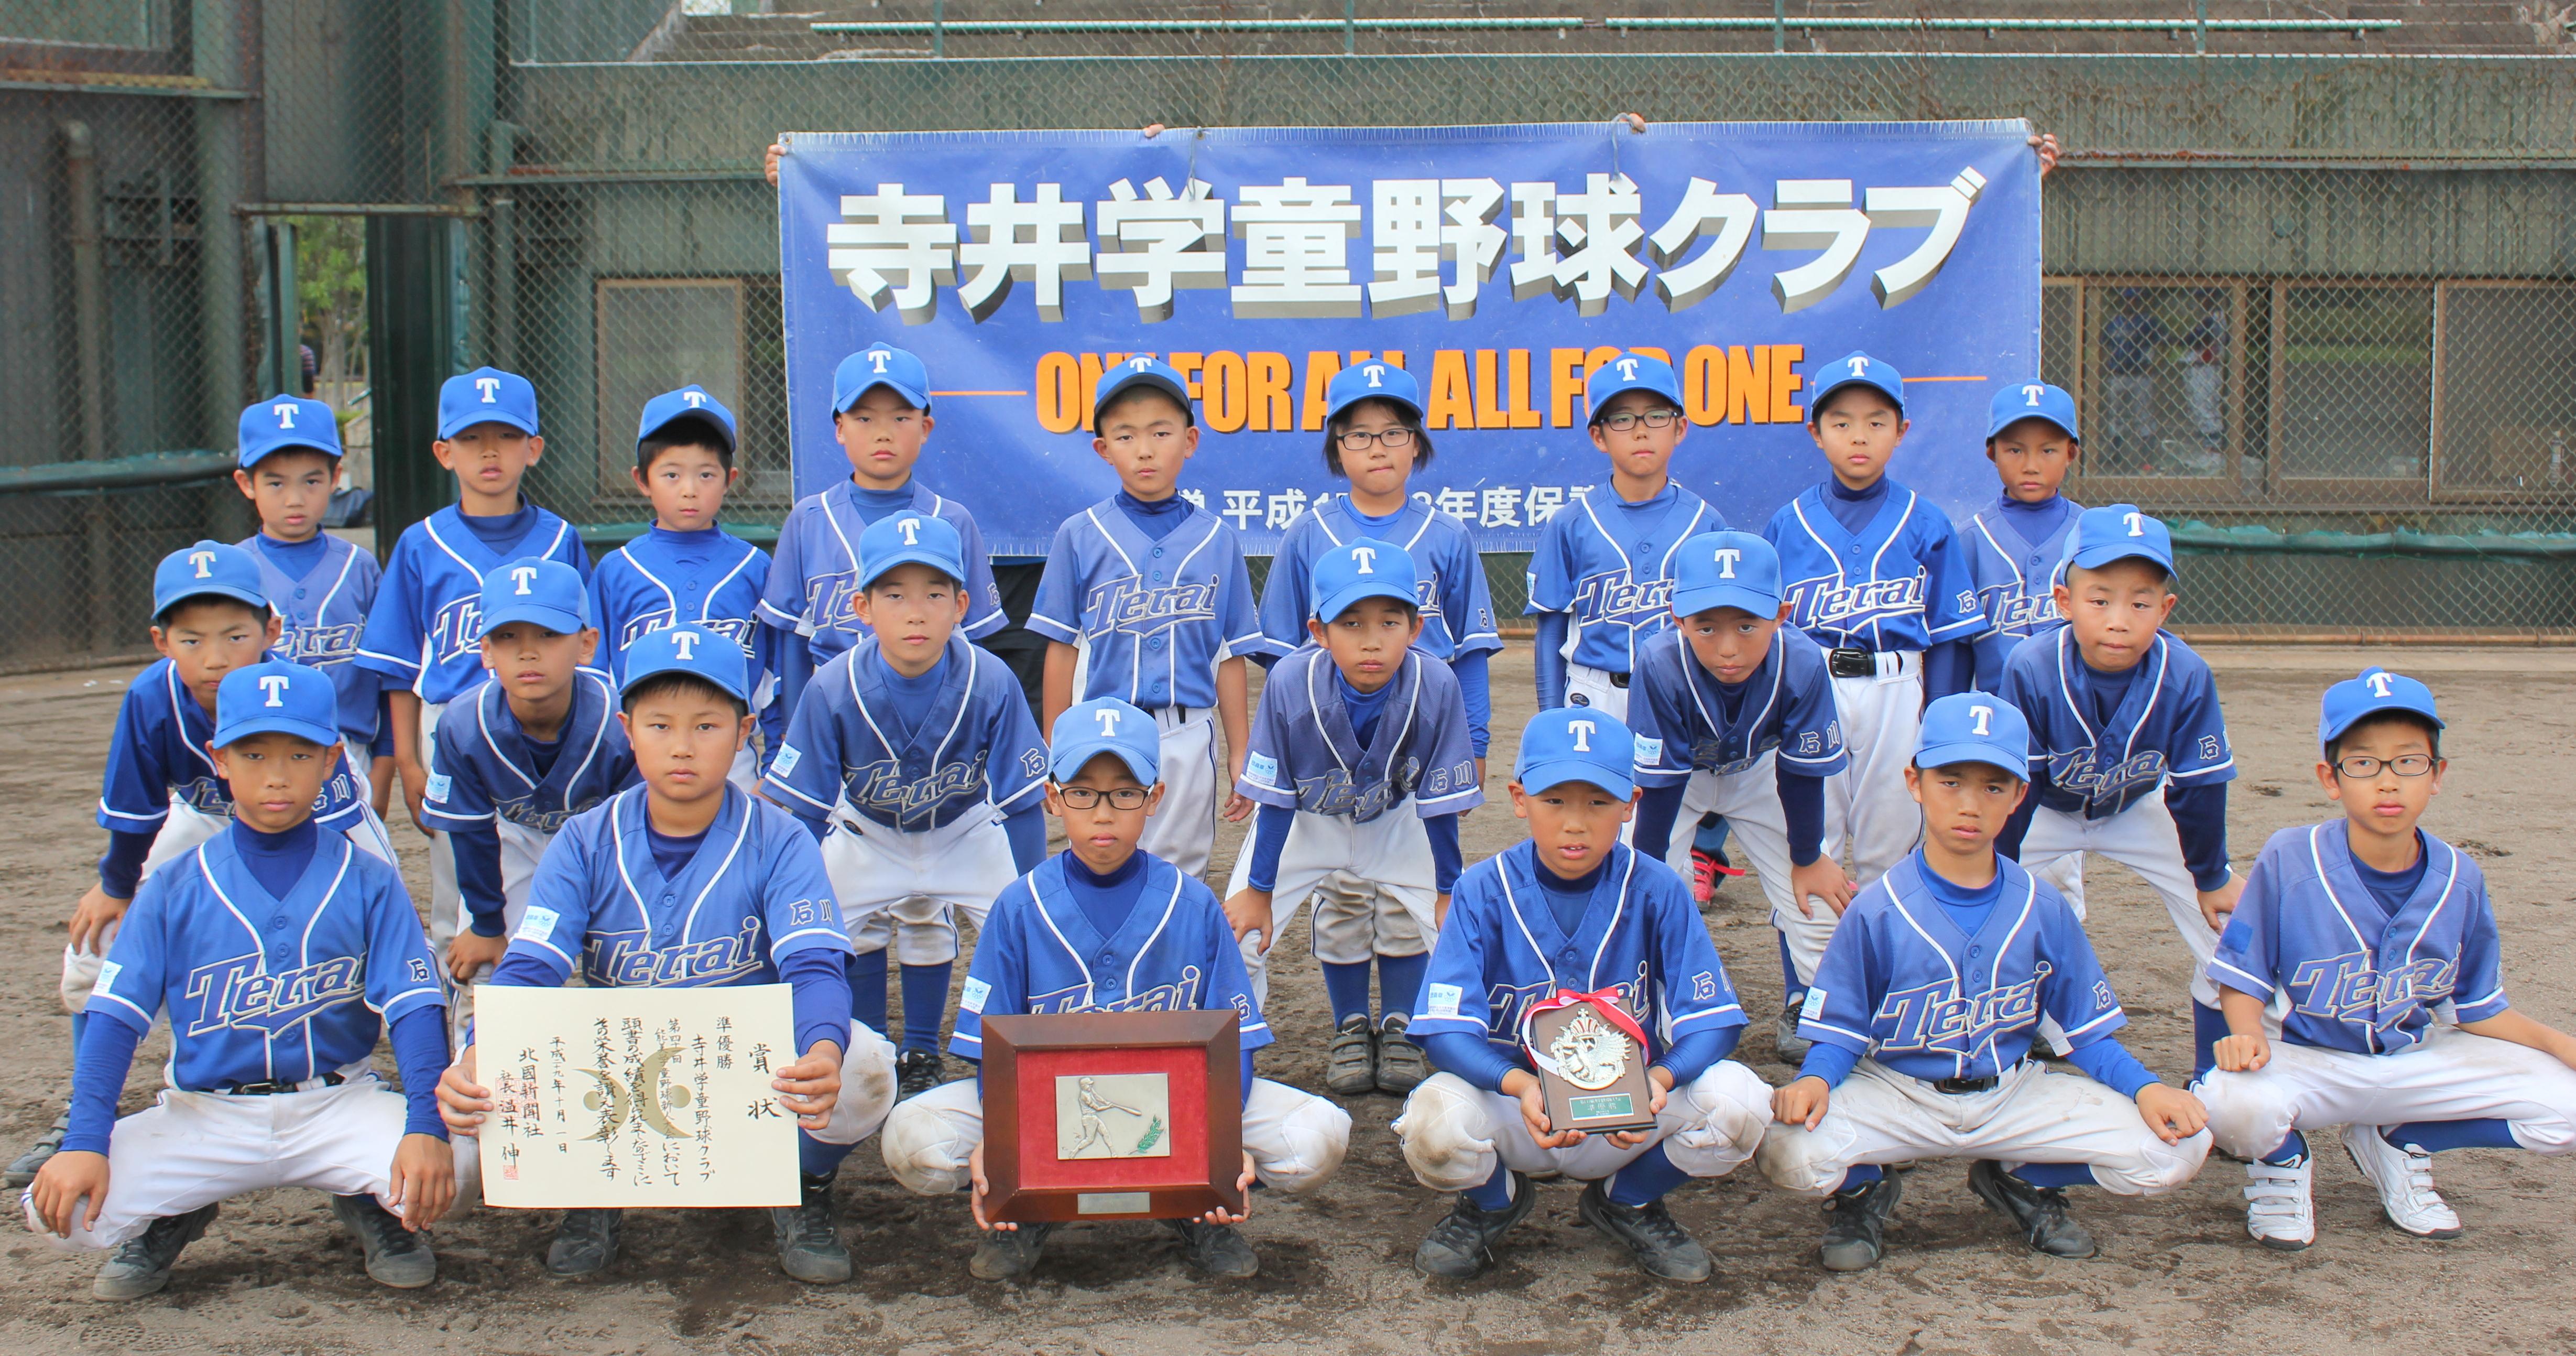 準優勝-寺井学童野球クラブ